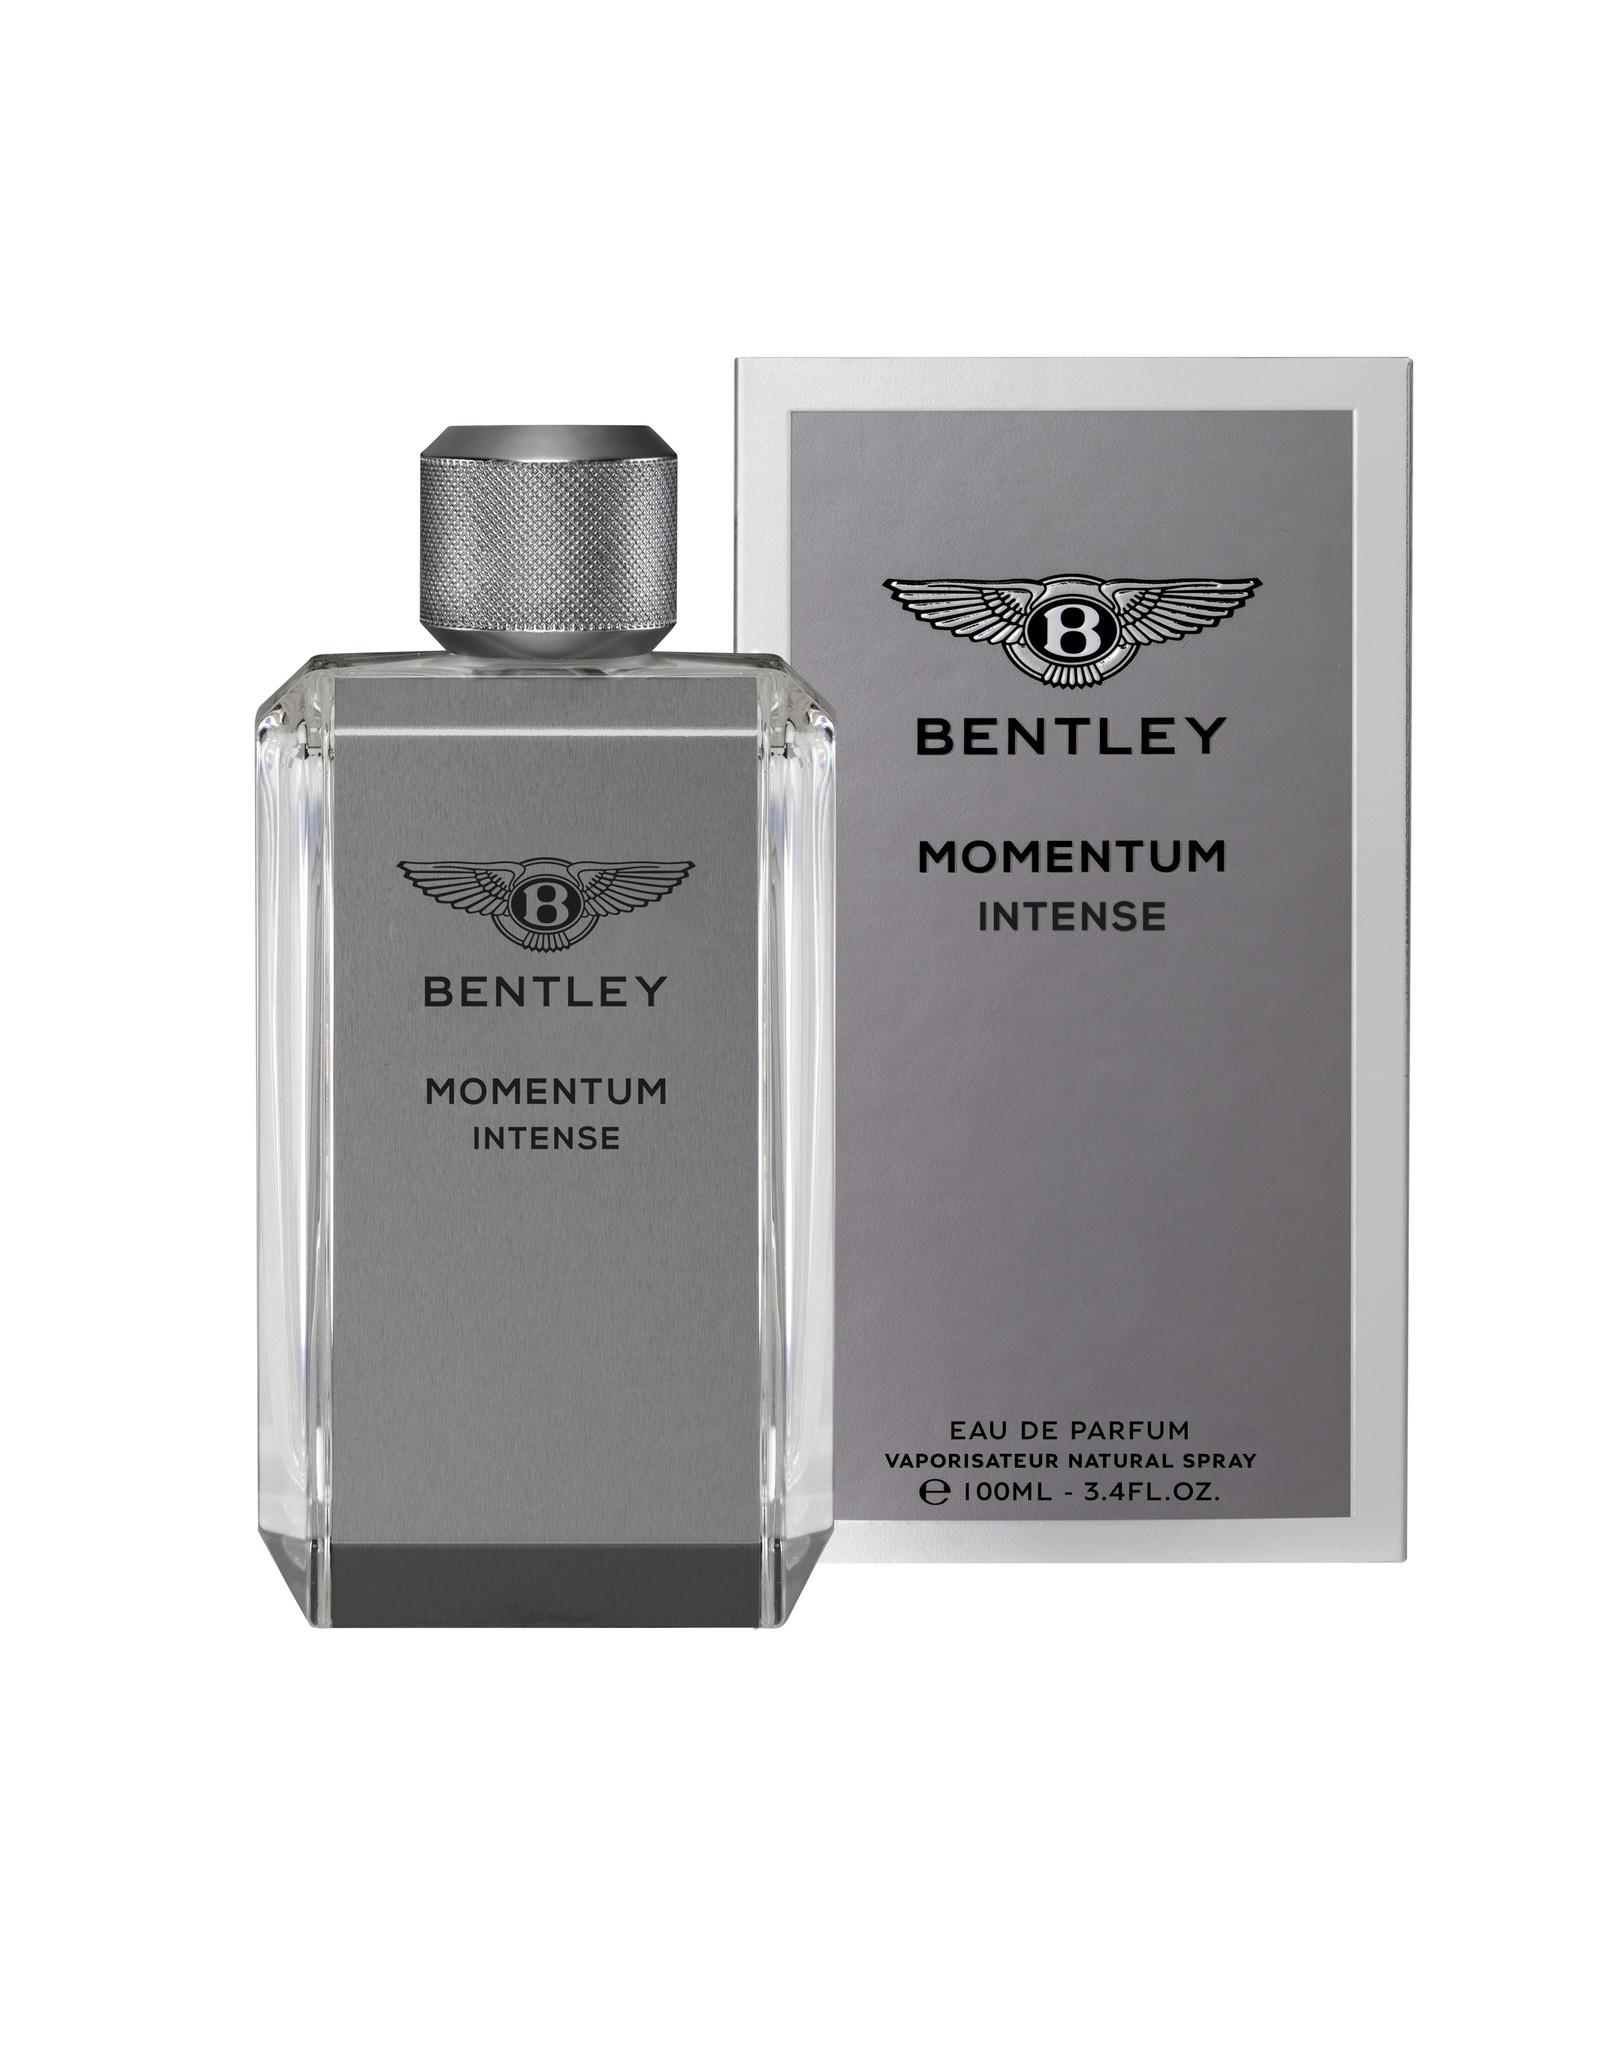 Bentley Momentum Intense - Eau De Parfum - Bentley